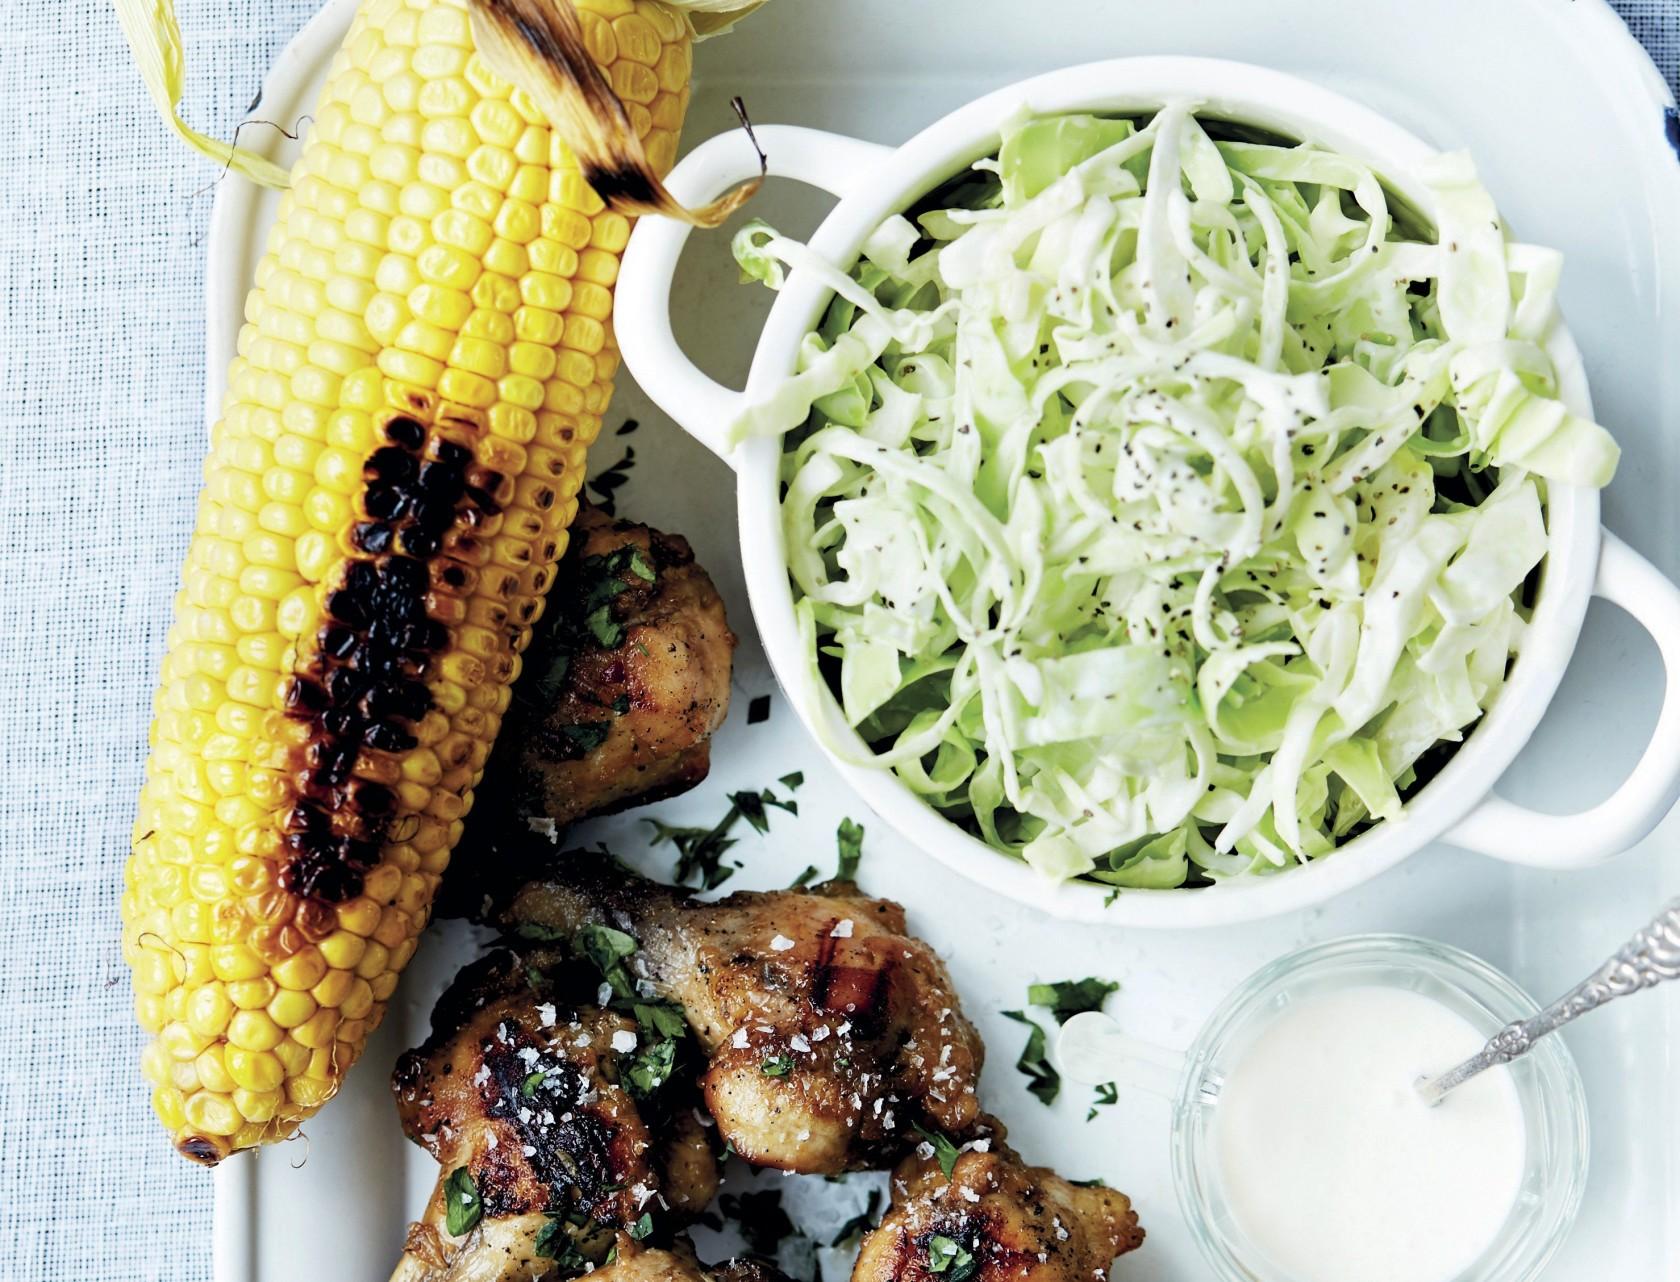 Grillmad for hele familien: Kylling, majskolber og coleslaw